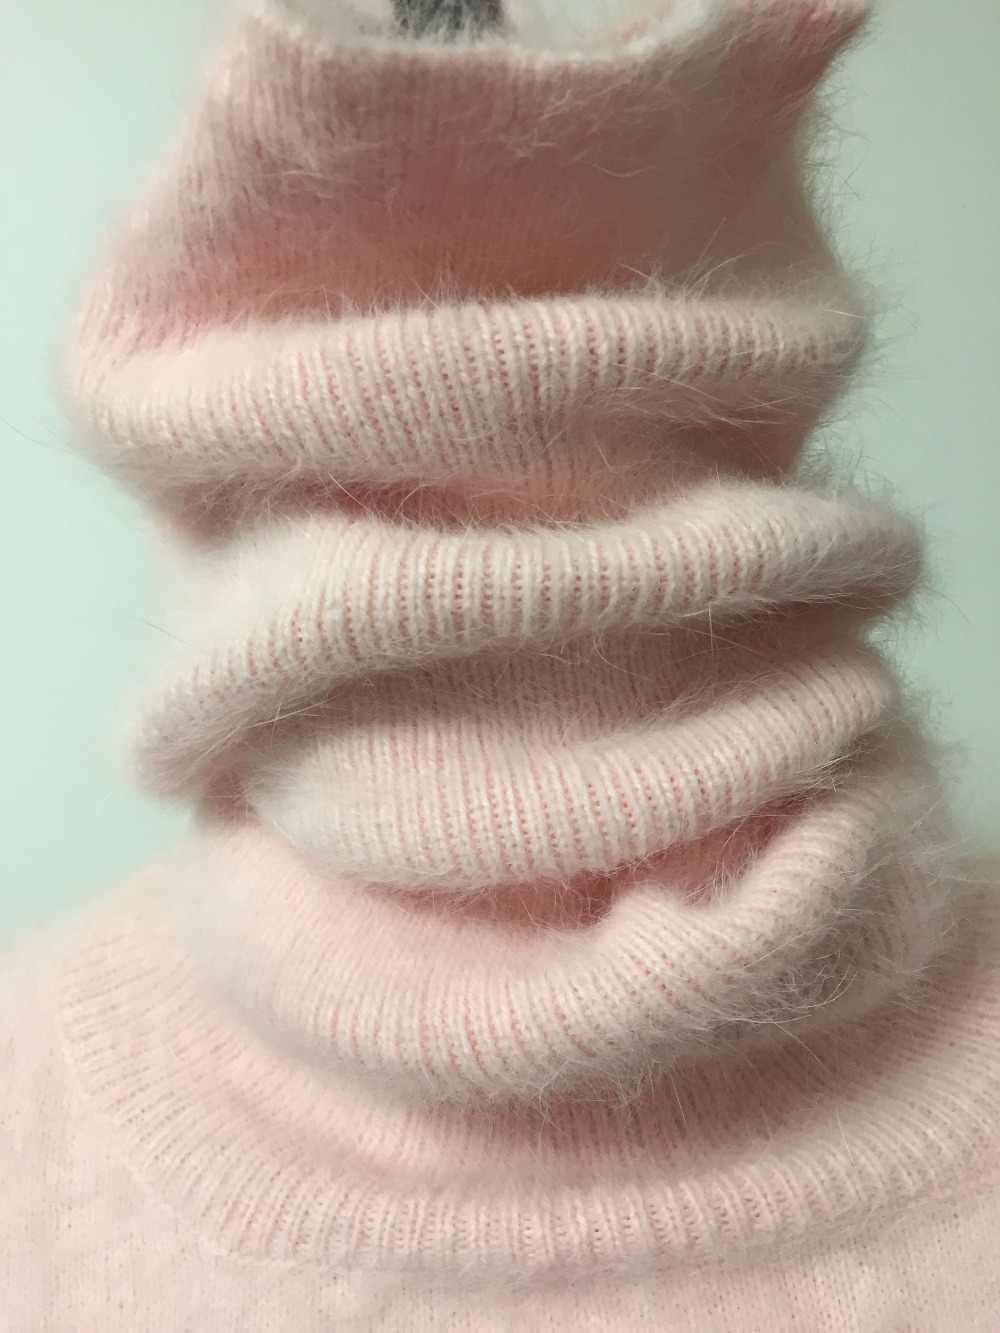 Водолазка 50 см натуральный норковый кашемировый свитер женский длинный кашемировый пуловер вязаный чистый норковый Воротник Бесплатная доставка JN237